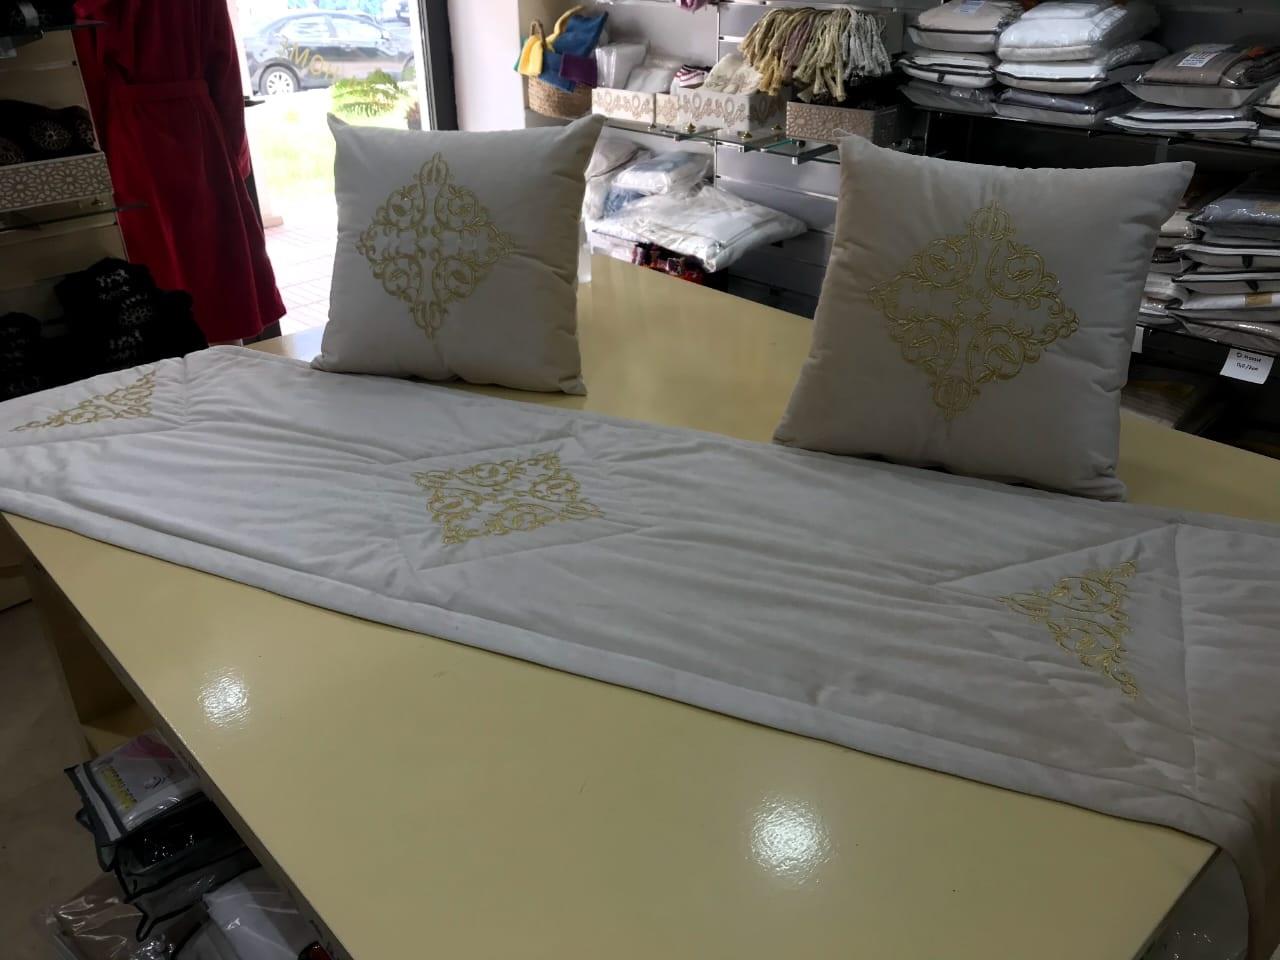 Chemin de lit plus 2 oreillers en velours anti-tache